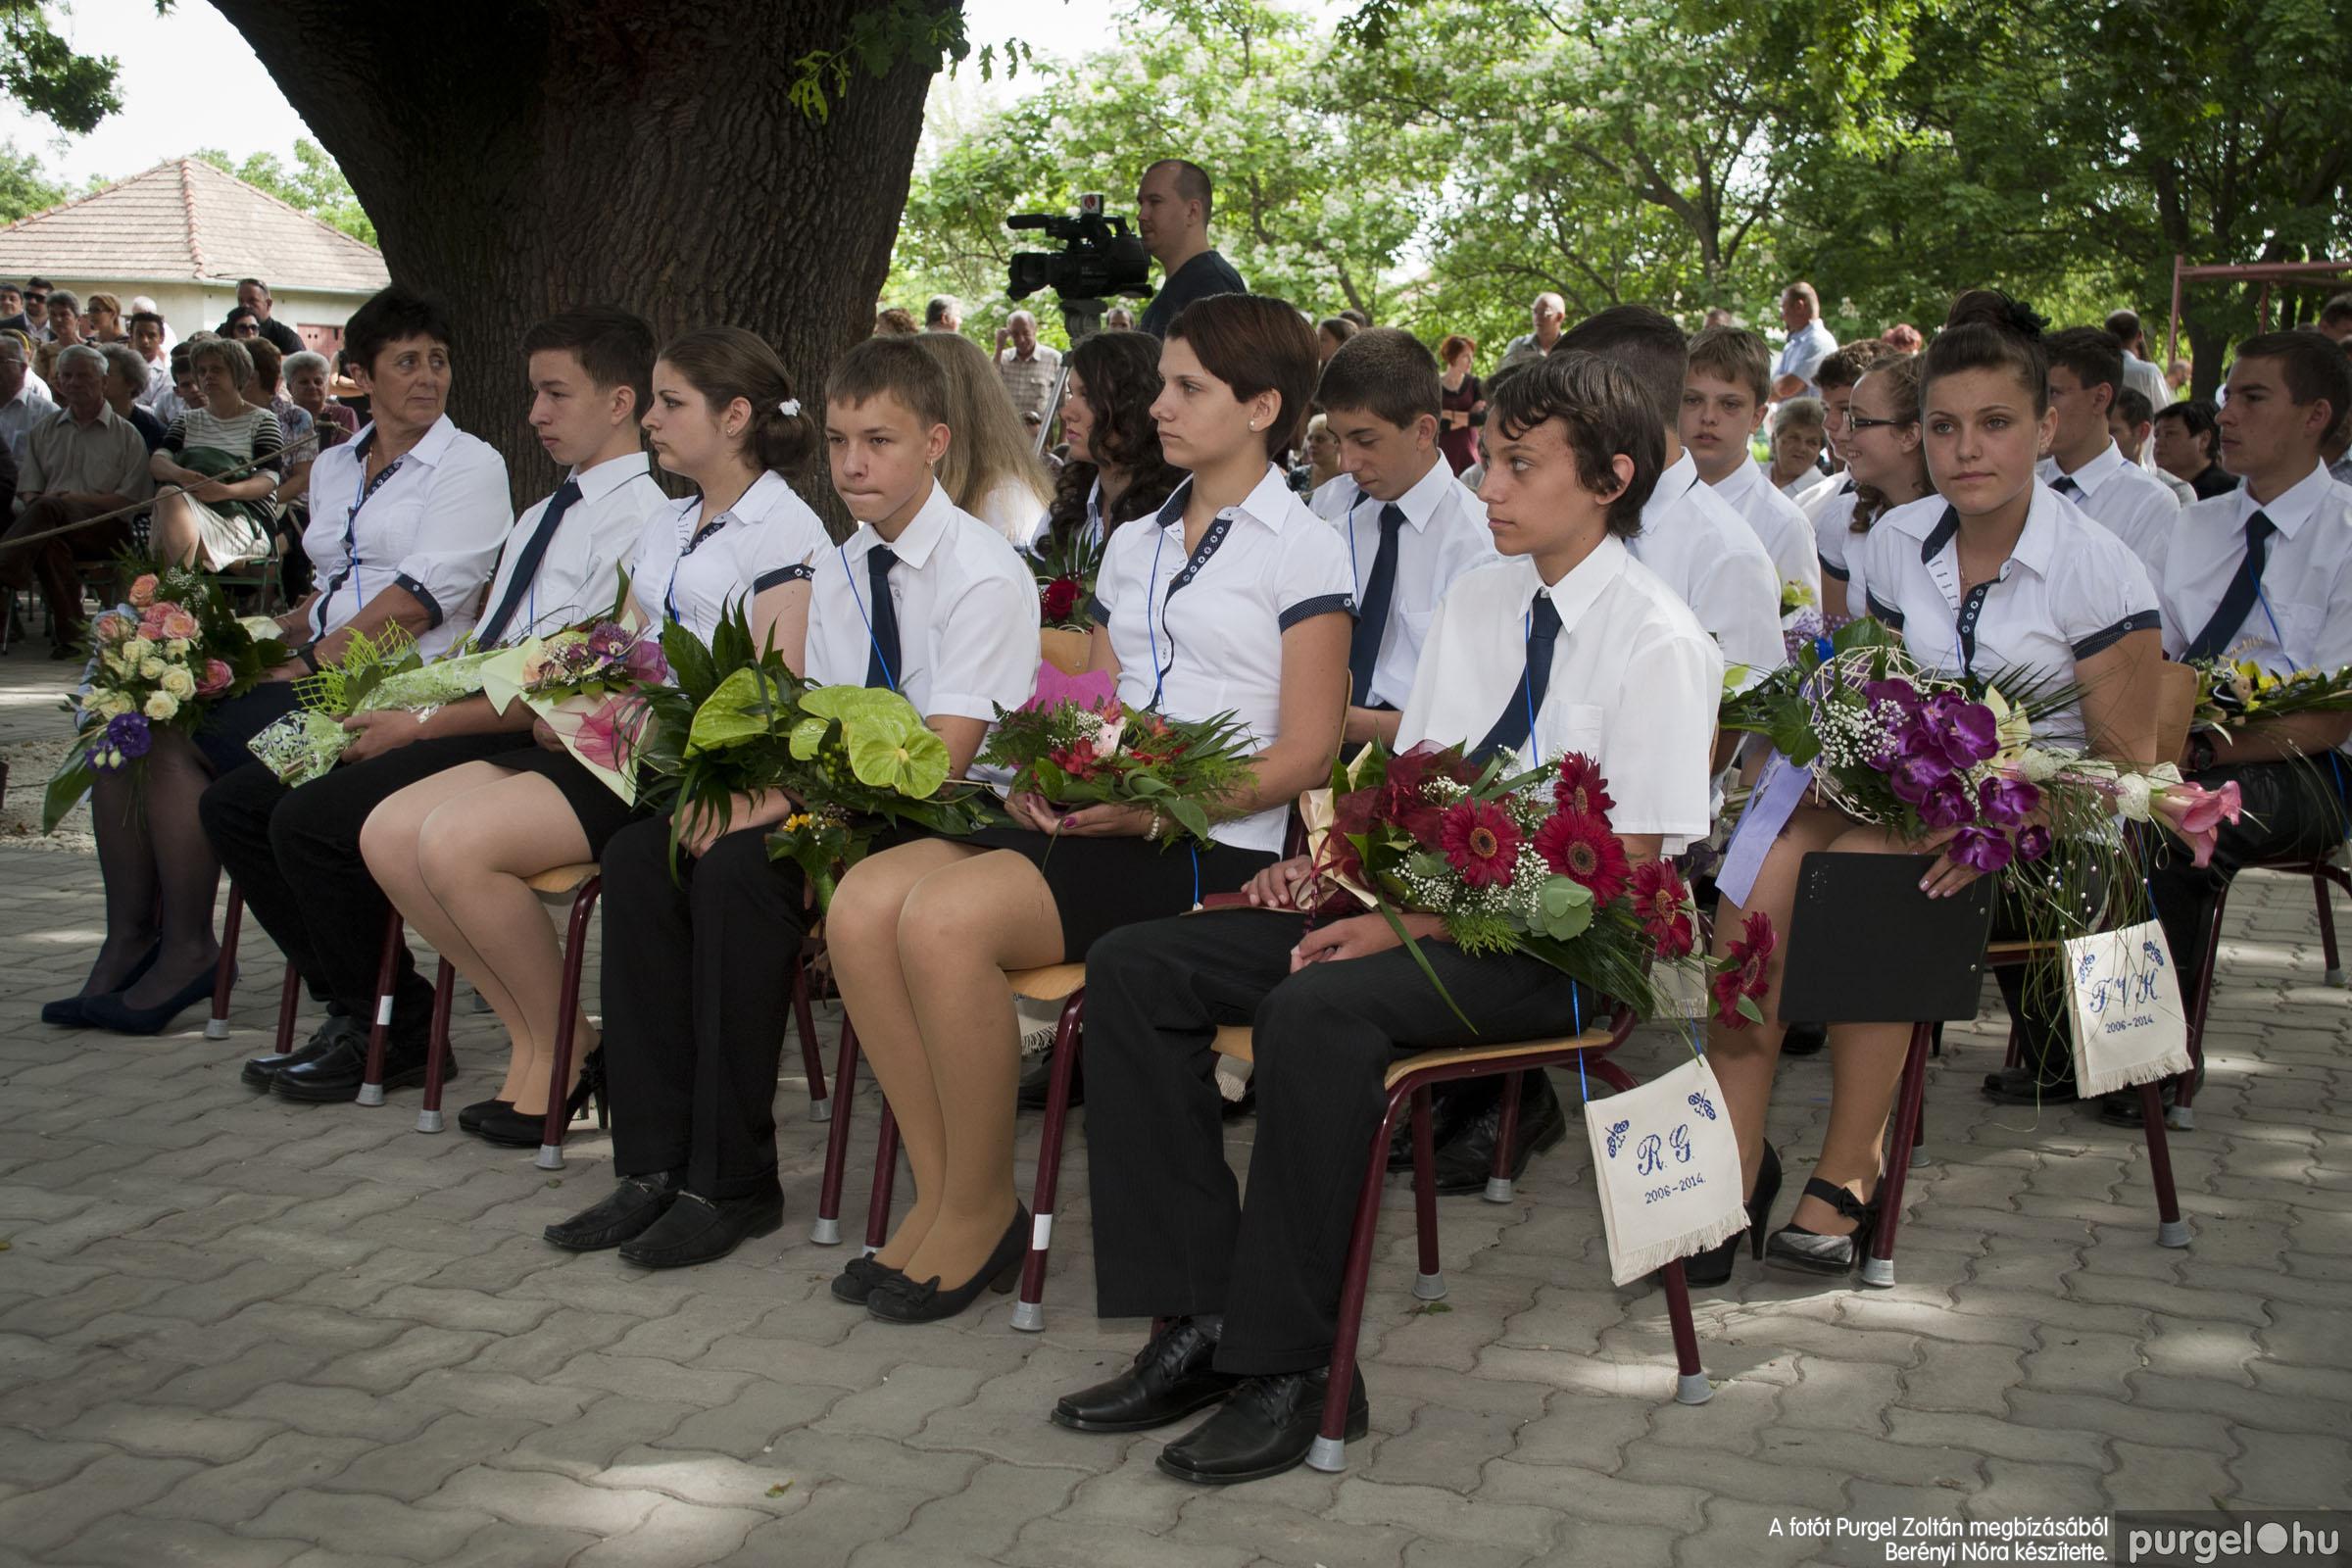 2014.06.14. 162 Forray Máté Általános Iskola ballagás 2014. - Fotó:BERÉNYI NÓRA© _MG_5778.jpg